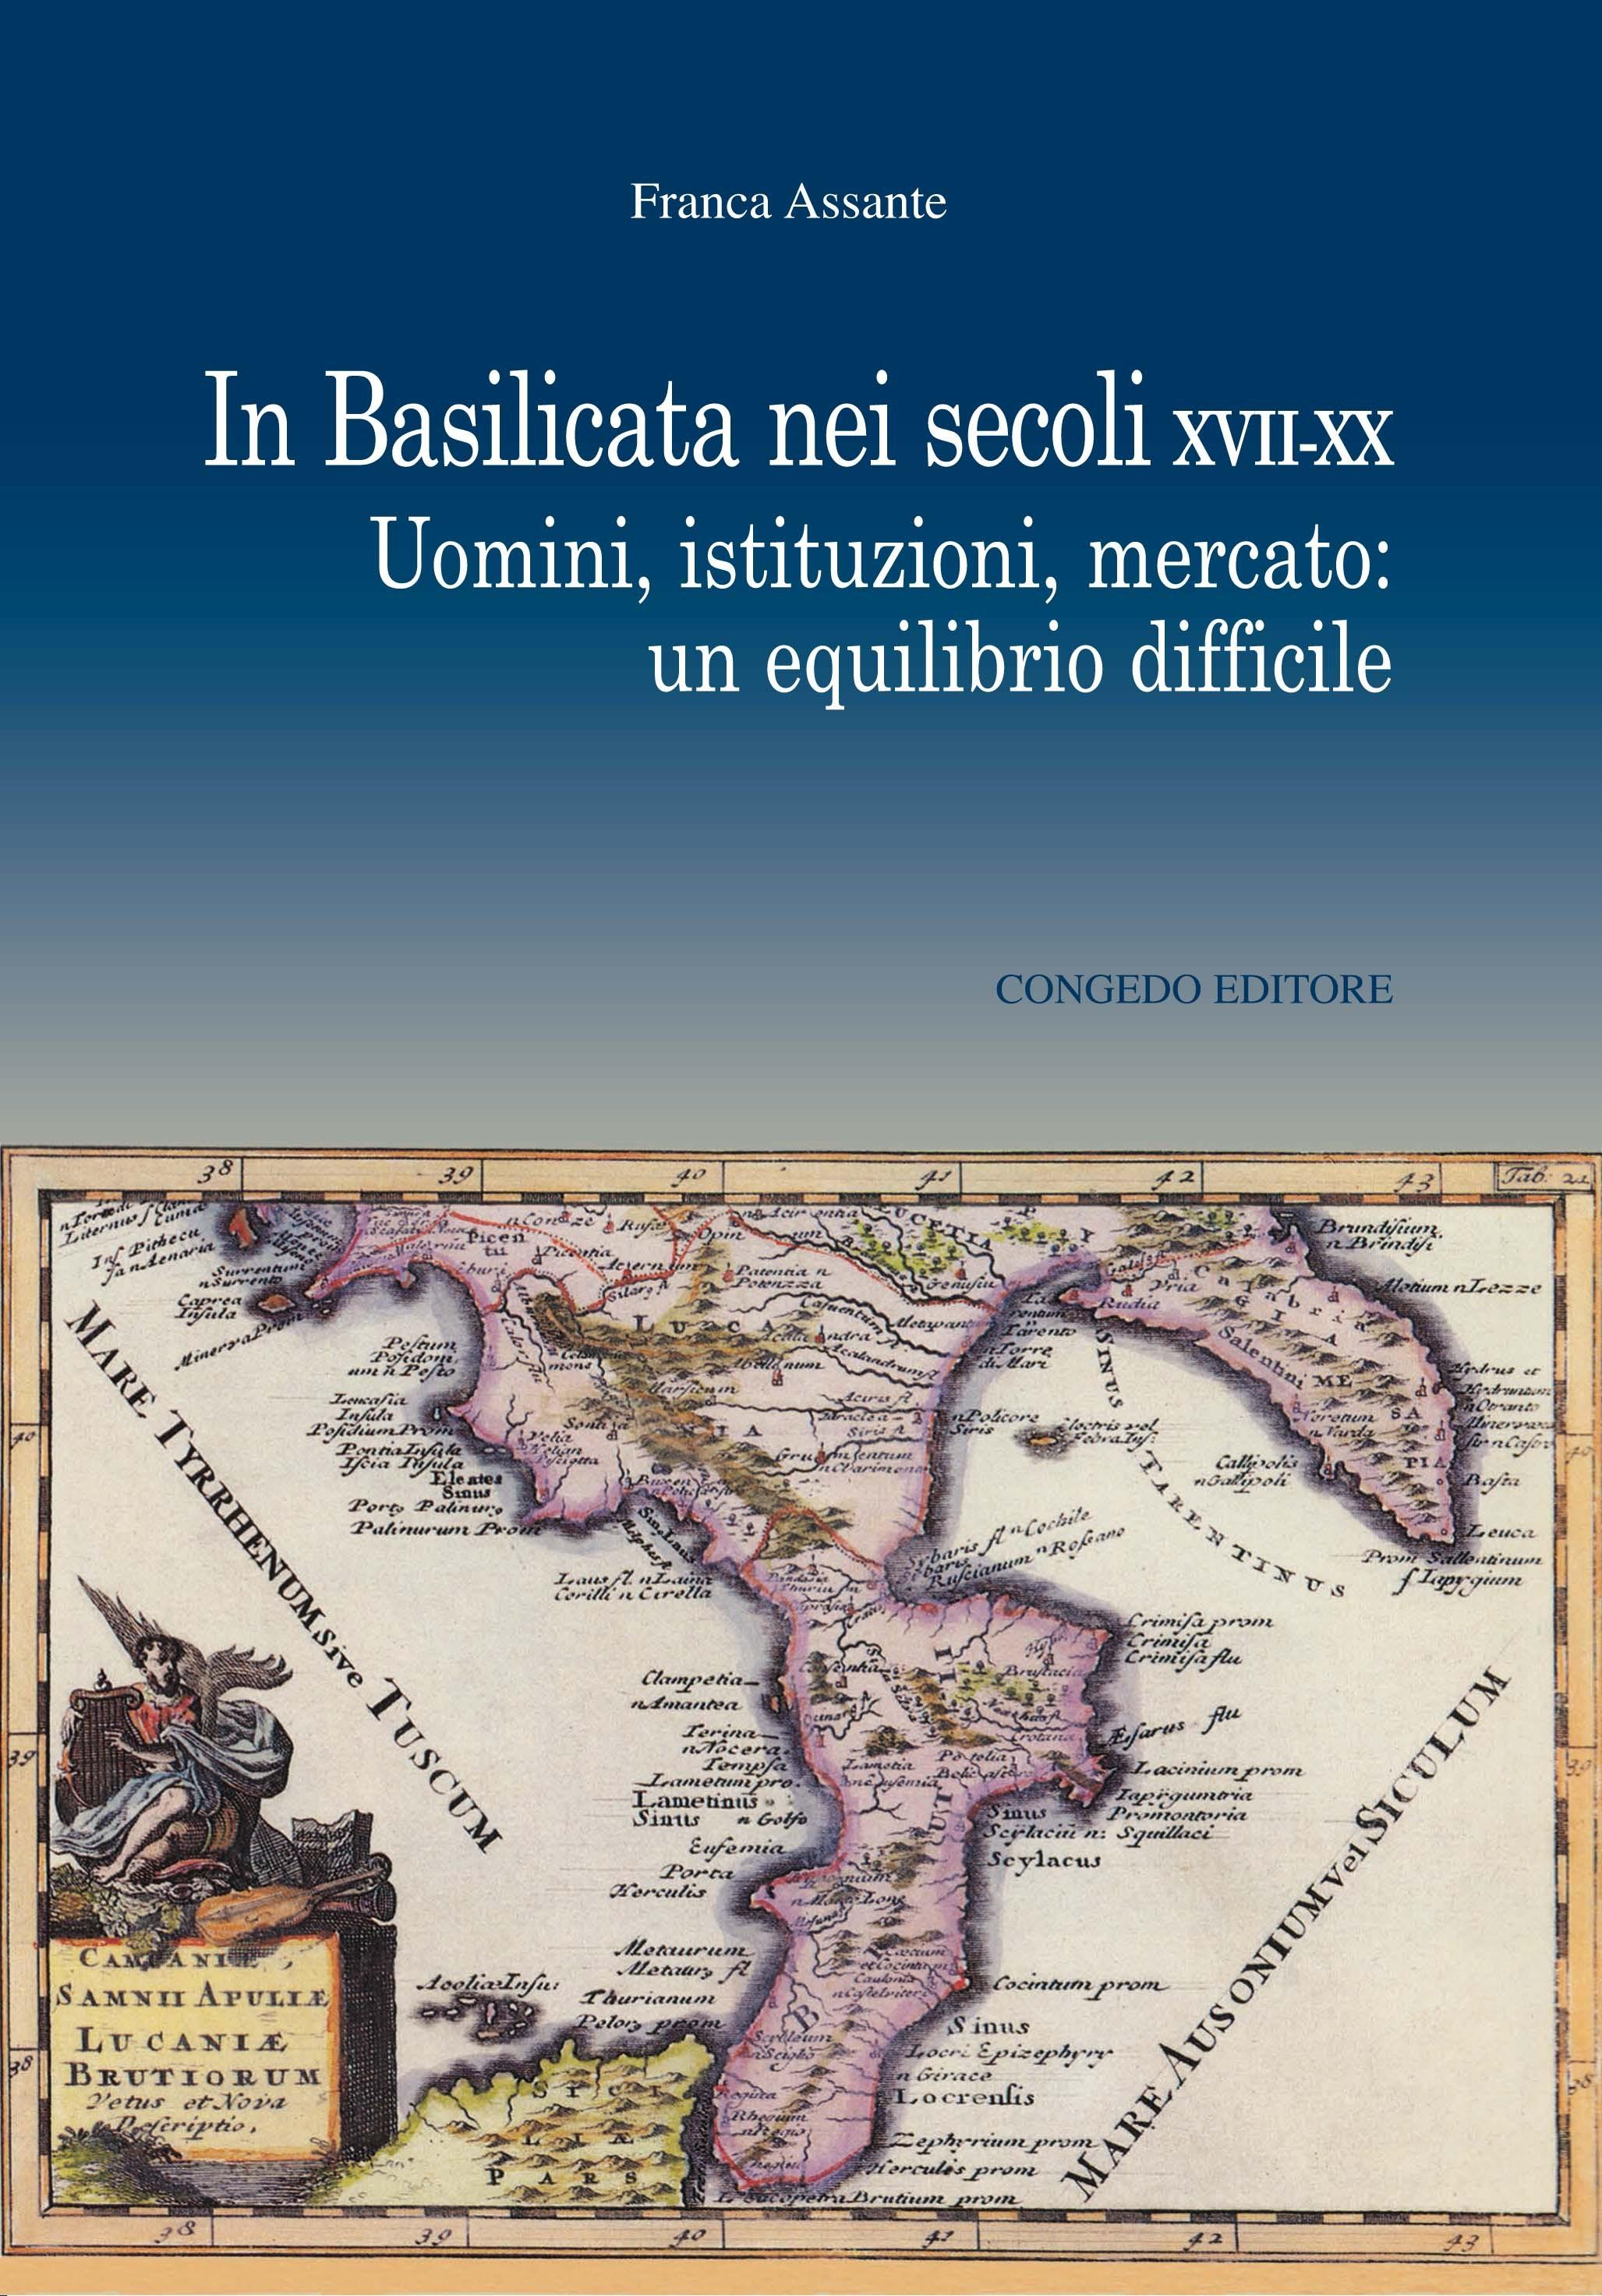 In Basilicata nei secoli XVII-XX. Uomini, istituzioni, mercato: un equilibrio difficile